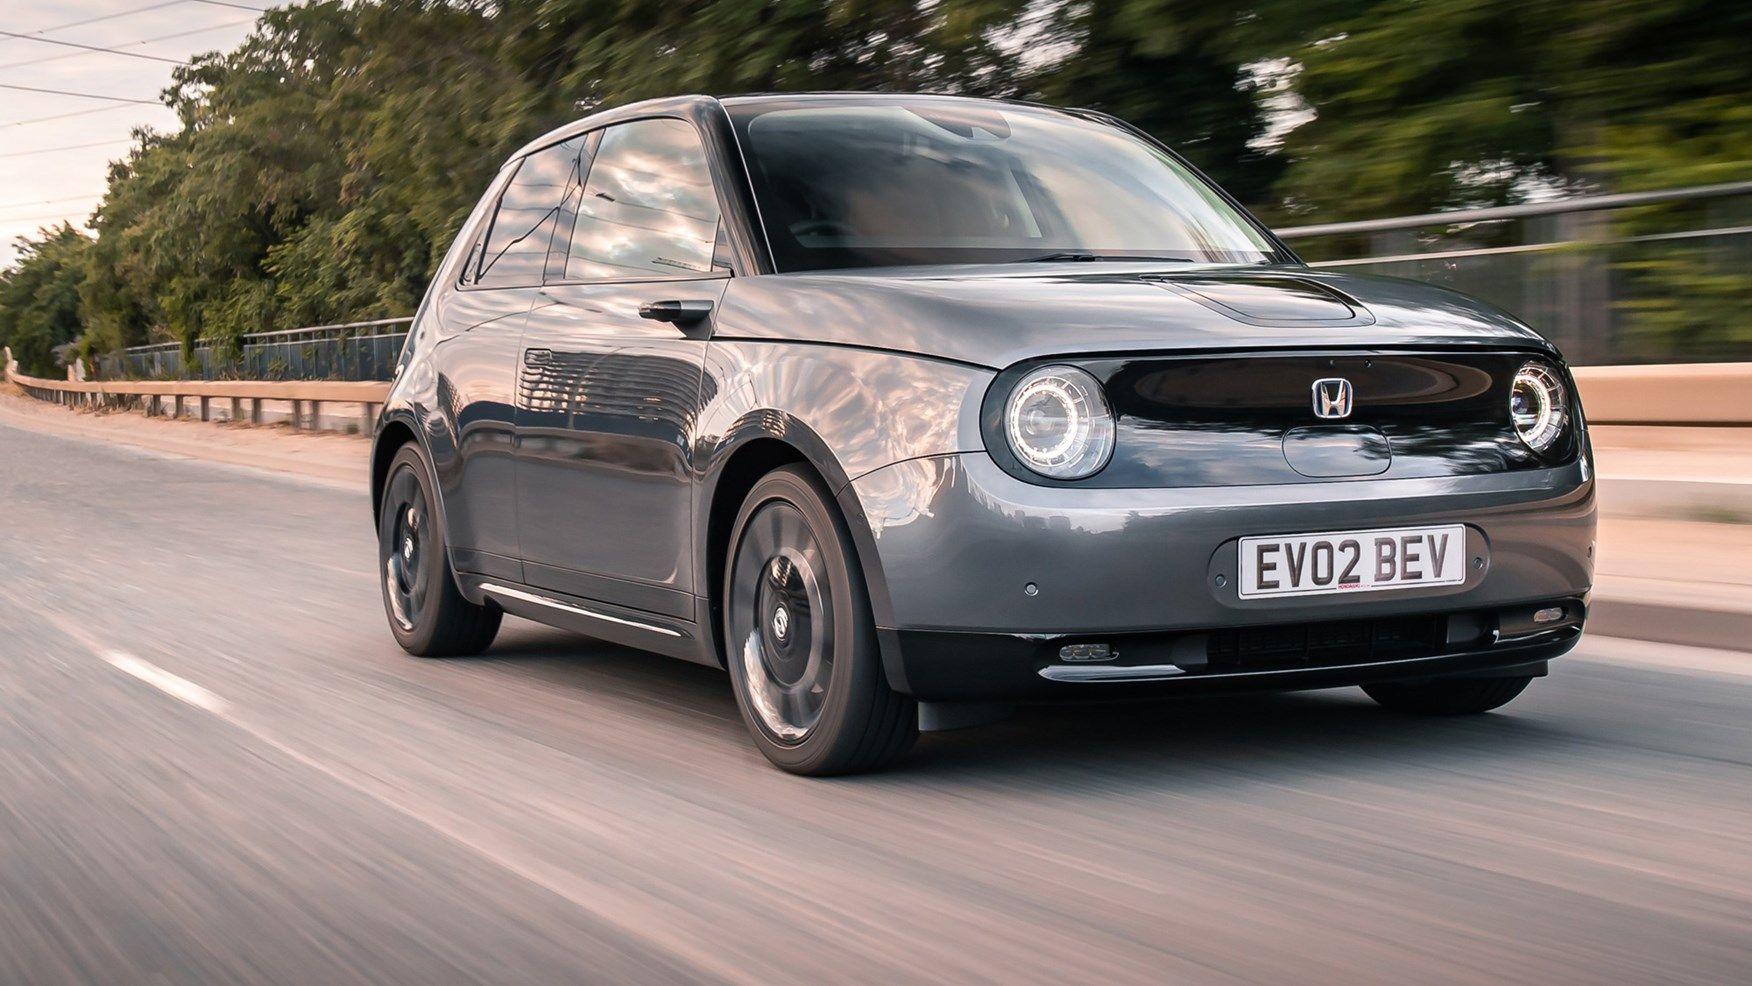 ηλεκτρικό αυτοκίνητο Honda